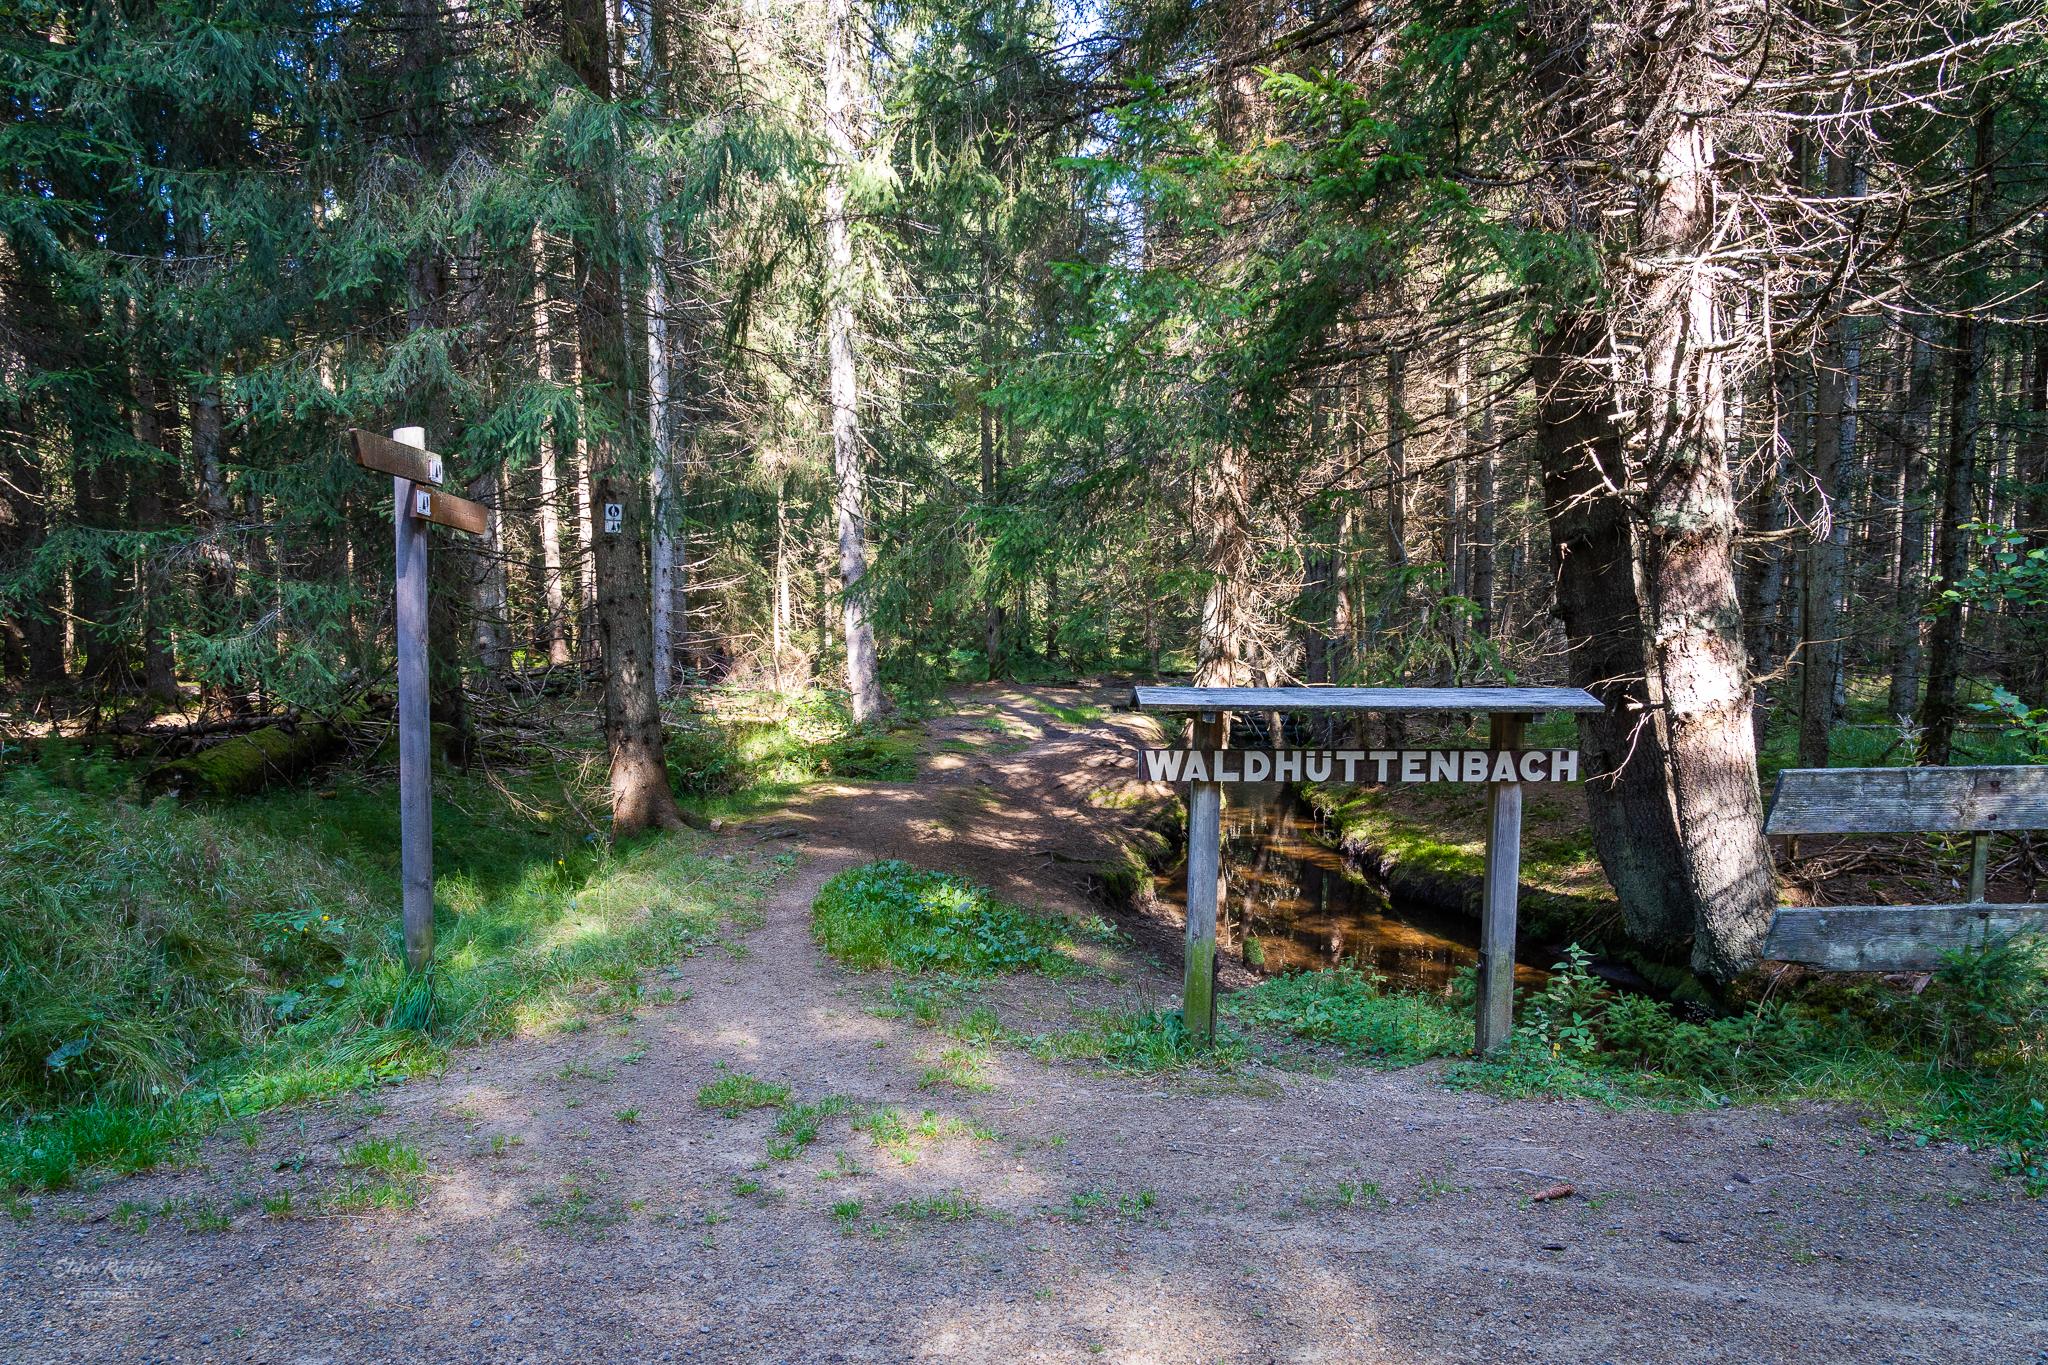 Feldweg Waldhüttenbach